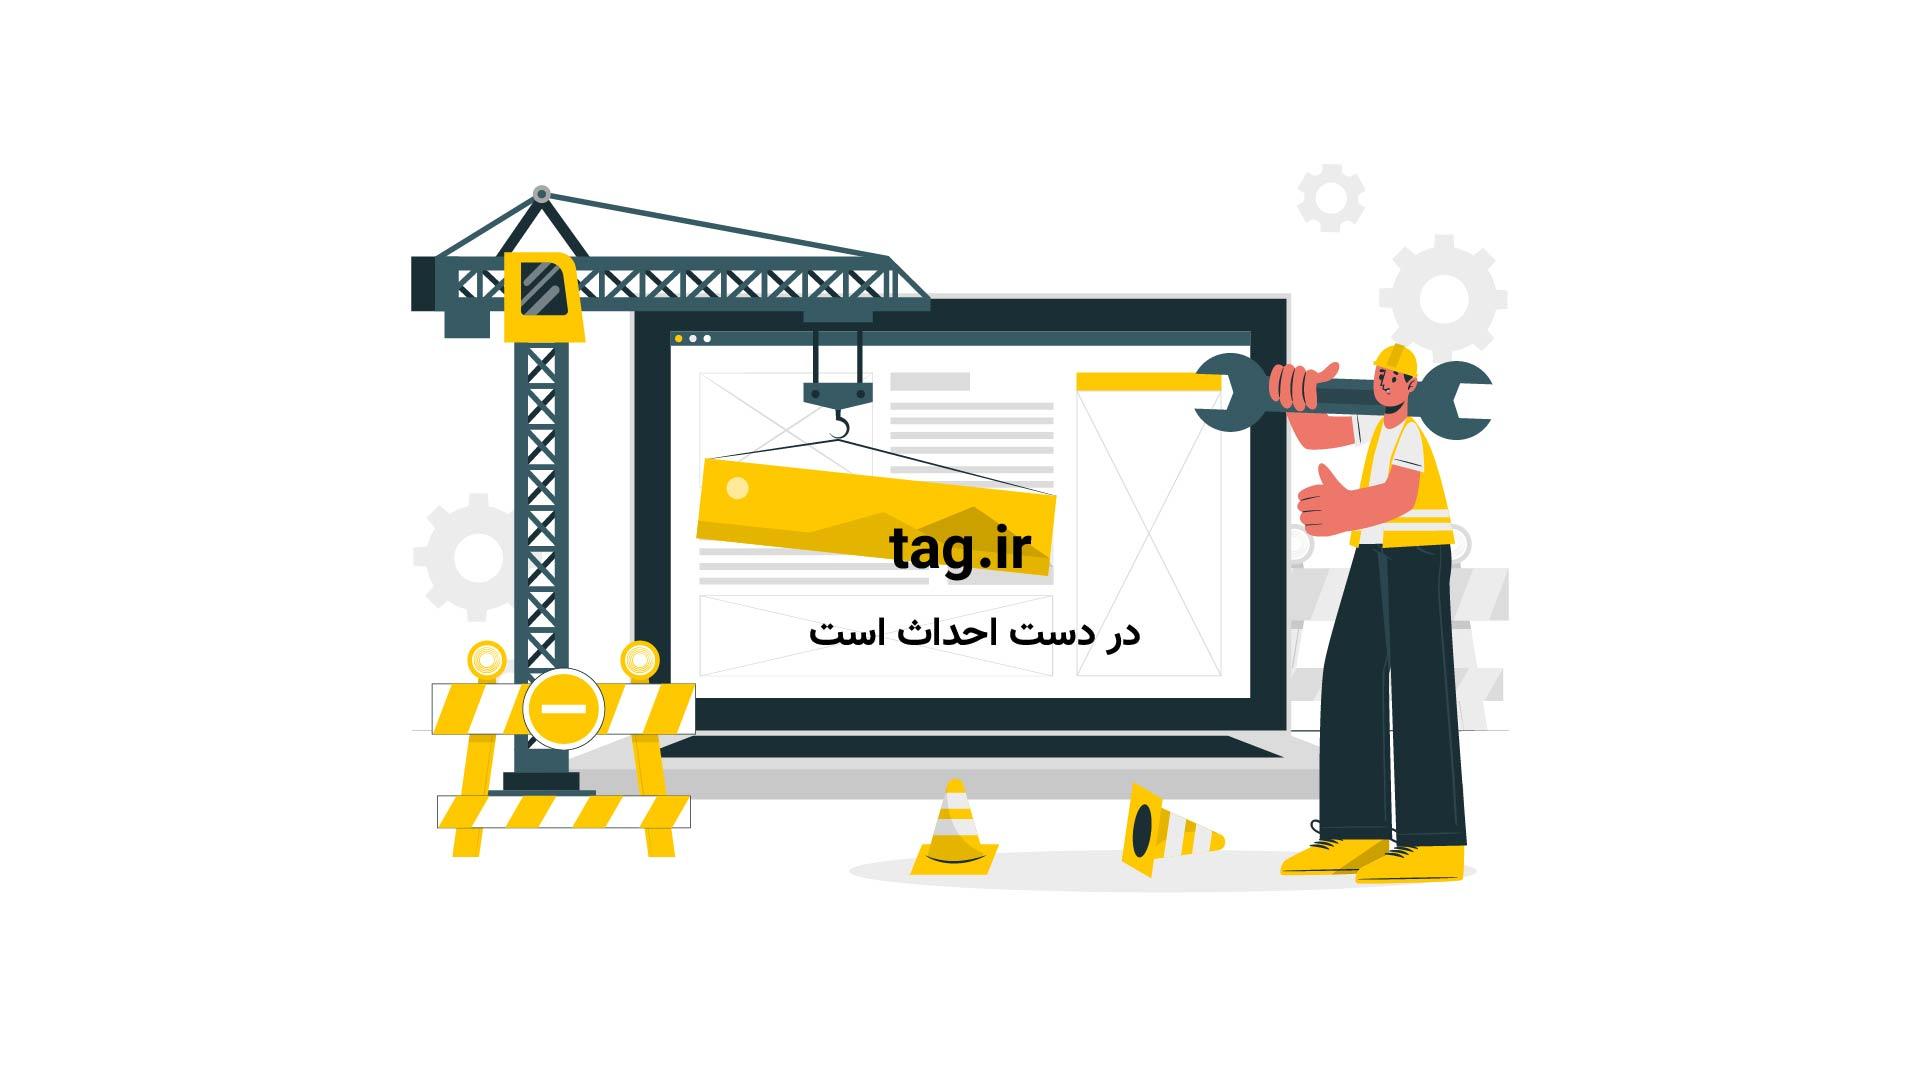 عقاب سرسفید | تگ